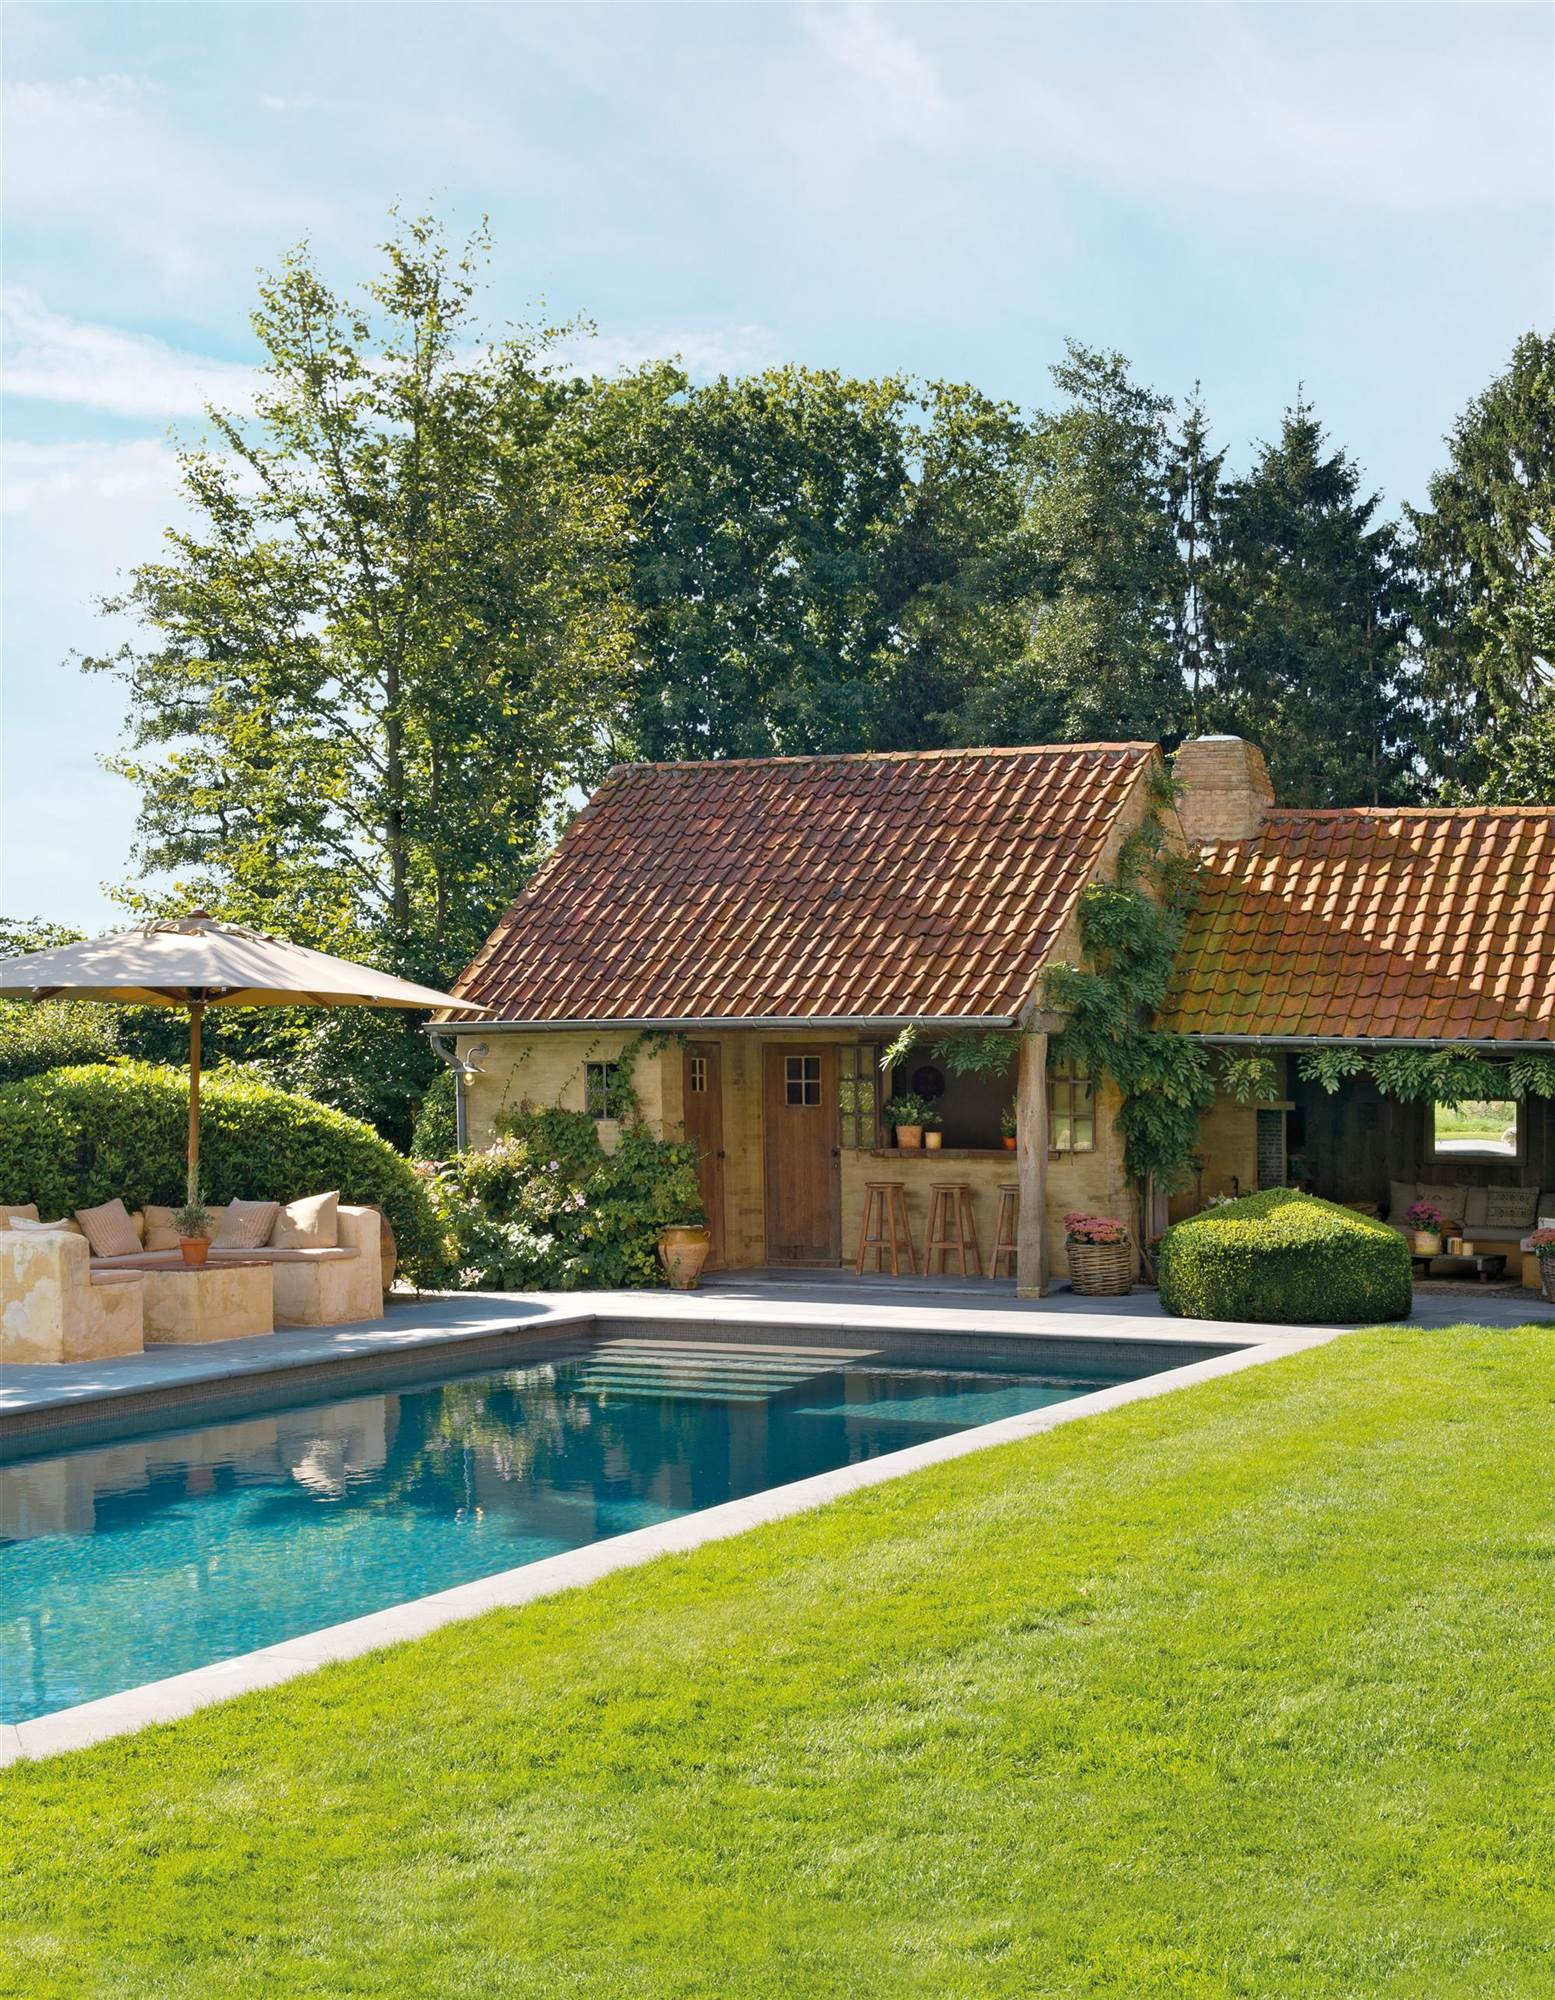 Las 50 mejores piscinas de el mueble for Piscinas pequenas en jardines pequenos